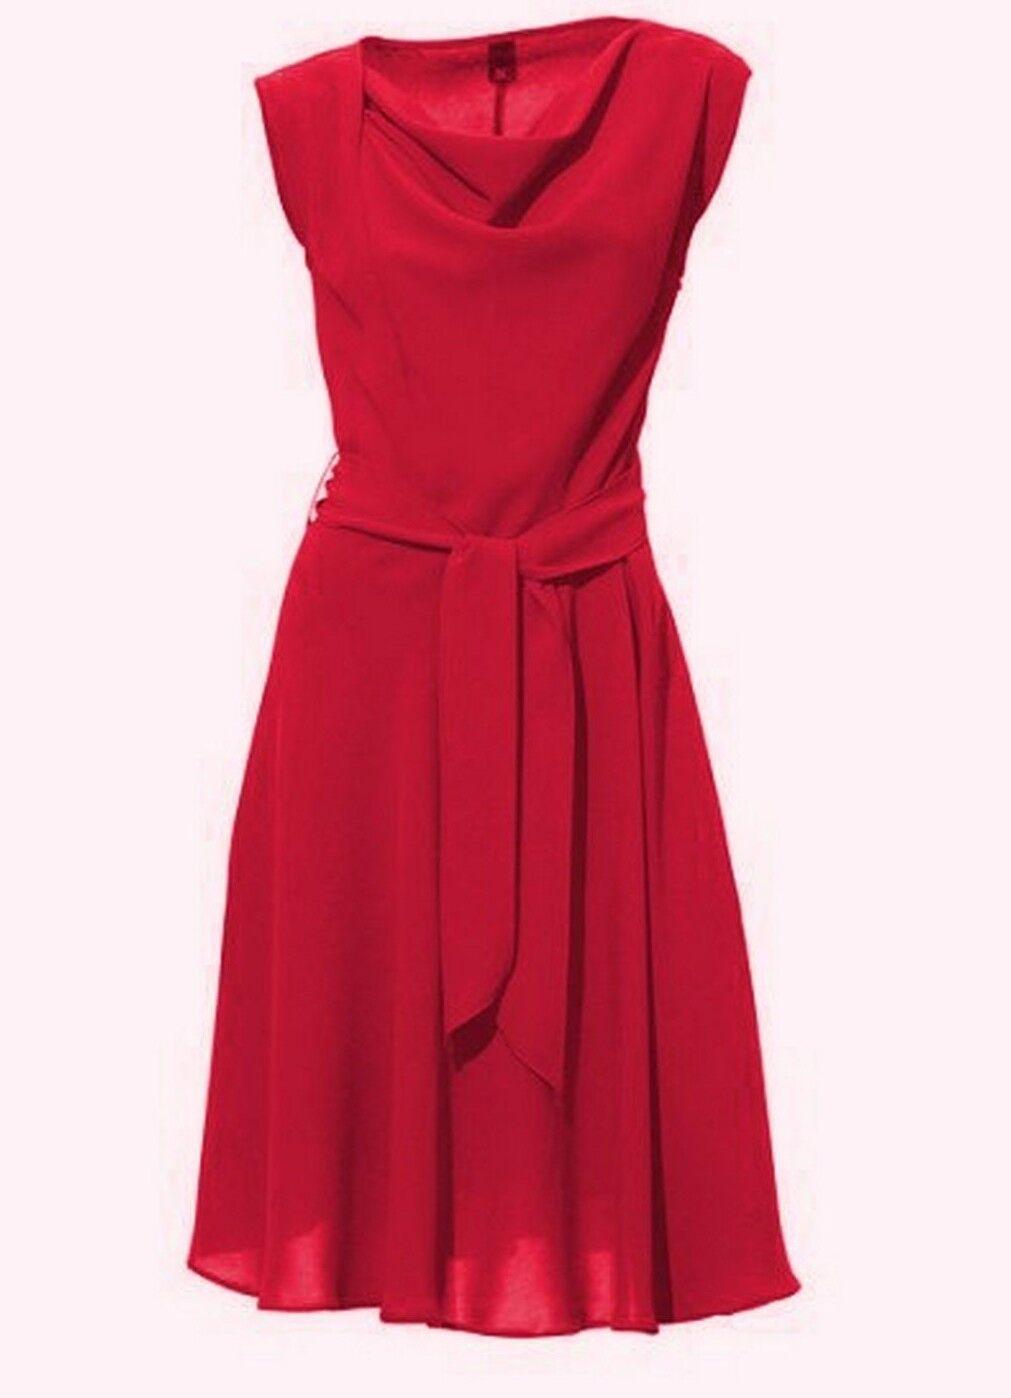 82b5e215a5bd0 Cocktailkleid Kleid Best Best Best Connections Heine koralle rot 34 36 38 40  42 44 NEU e0dee1